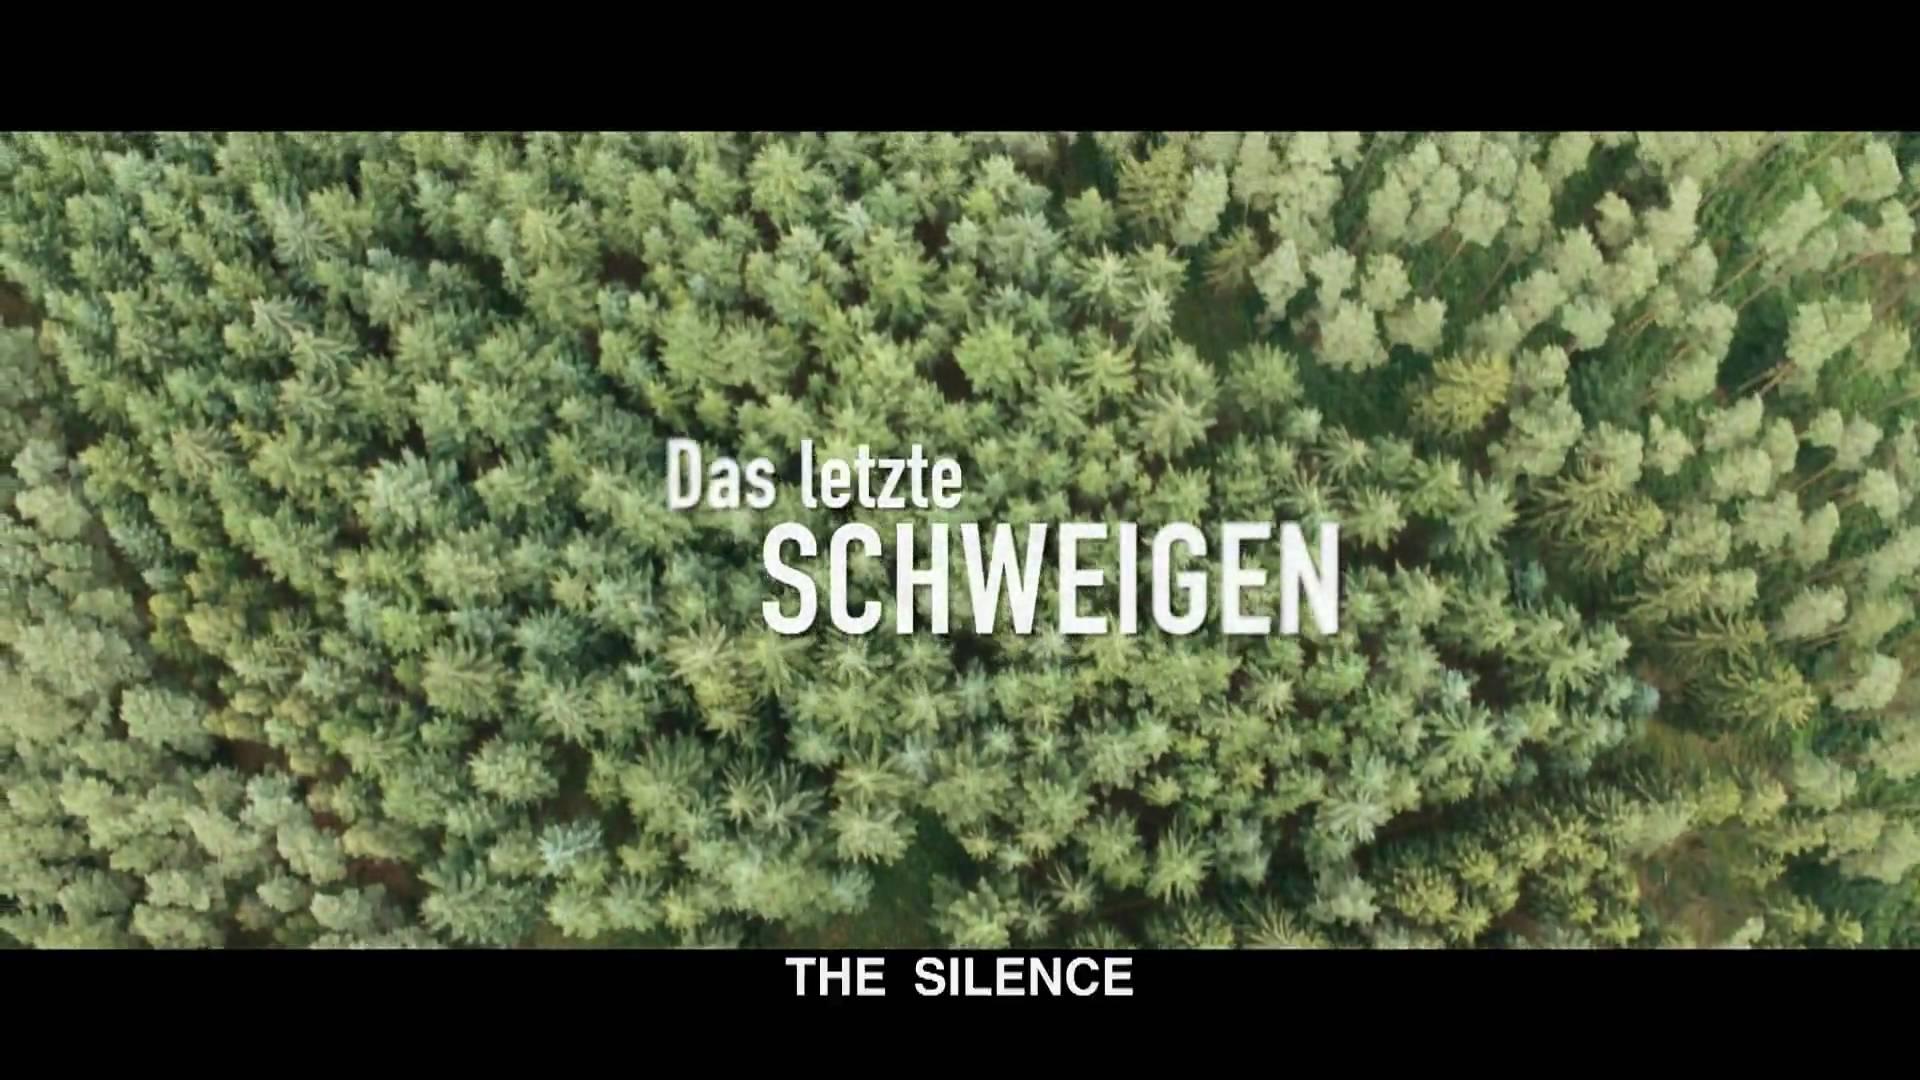 Das letzte Schweigen (2010) video/trailer